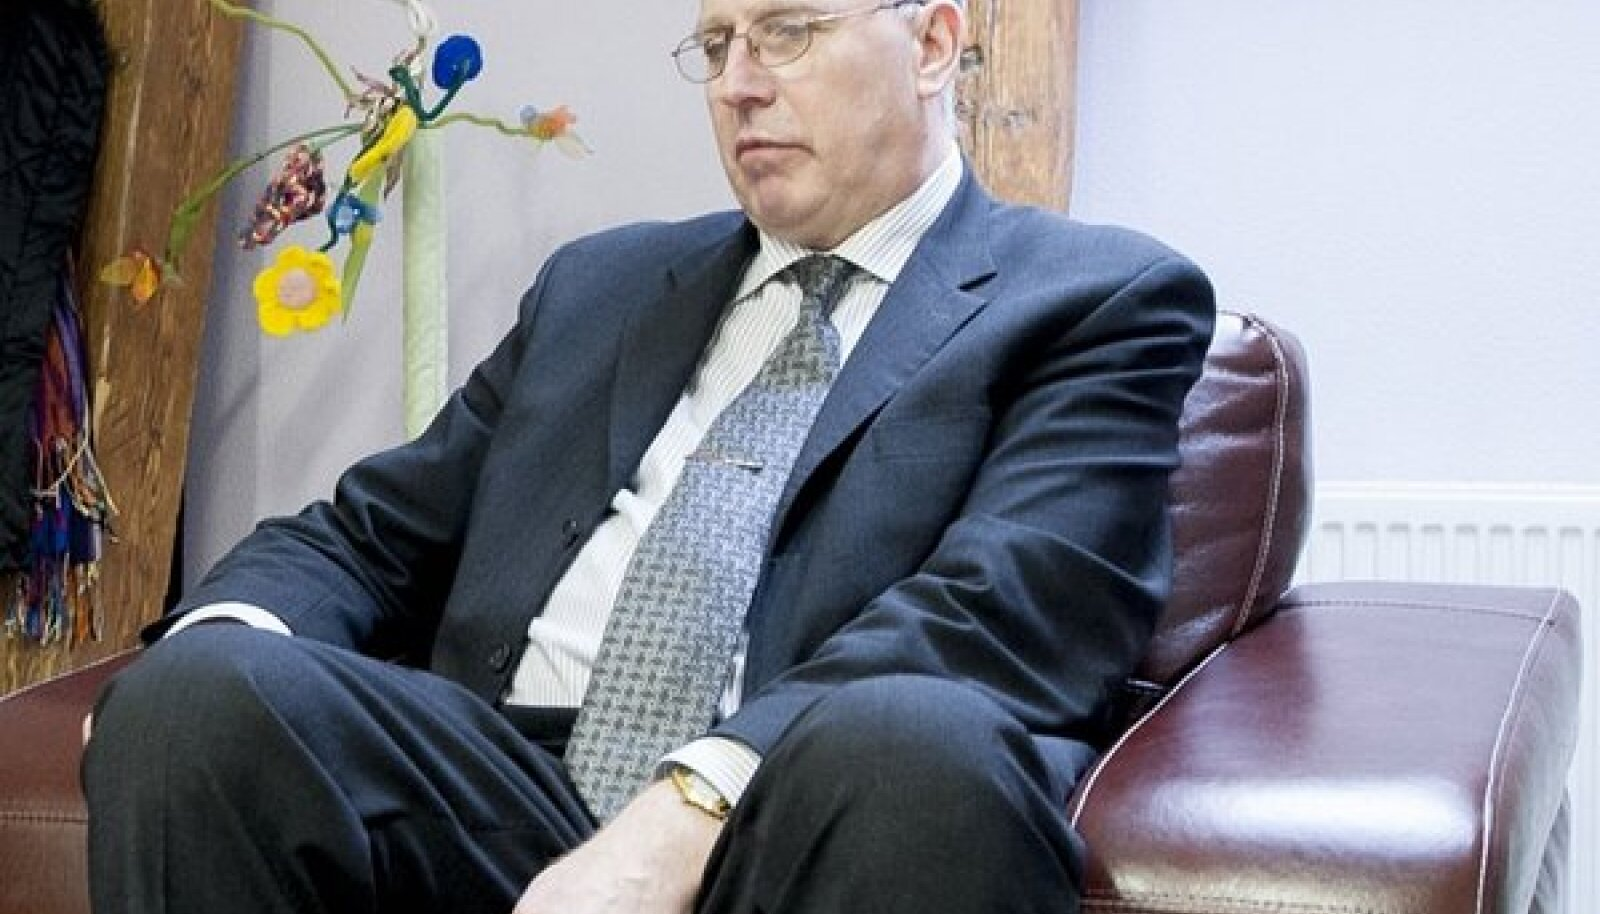 Õpetaja Aivar Luhaorg nendib, et tema jõud käitumisraskustega lastest üle ei käi.